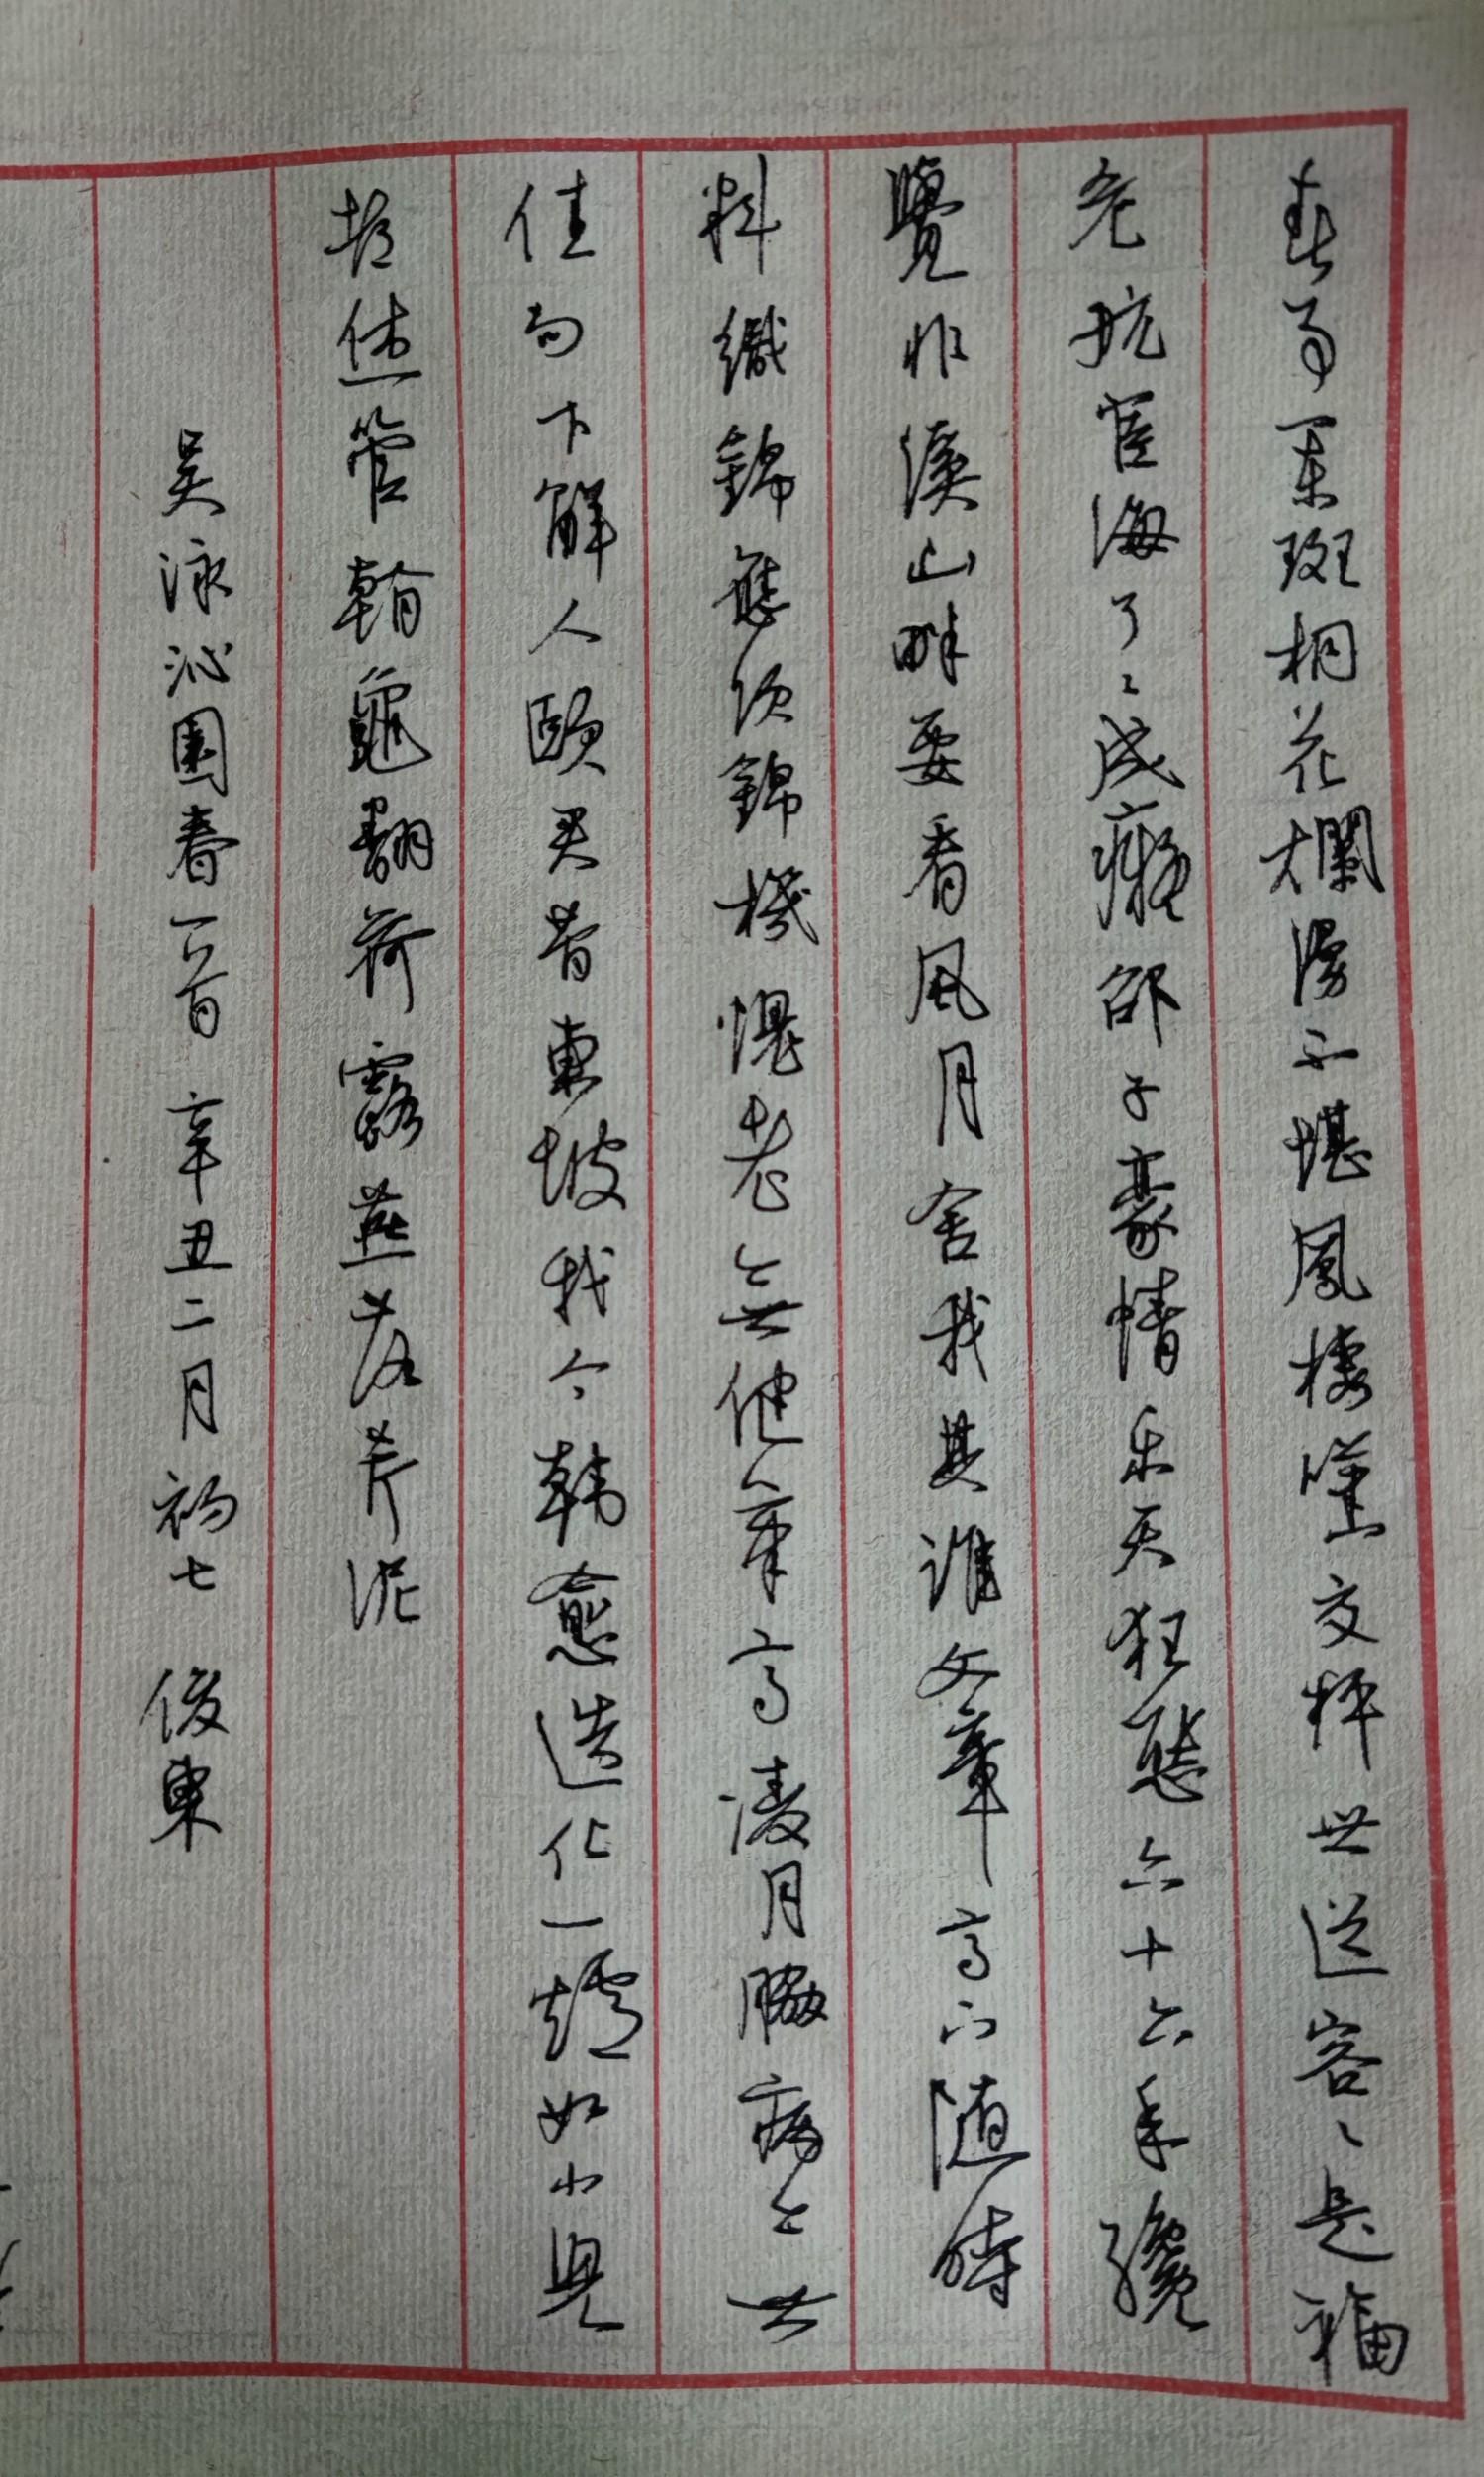 钢笔爱好者练字打卡20210323-06